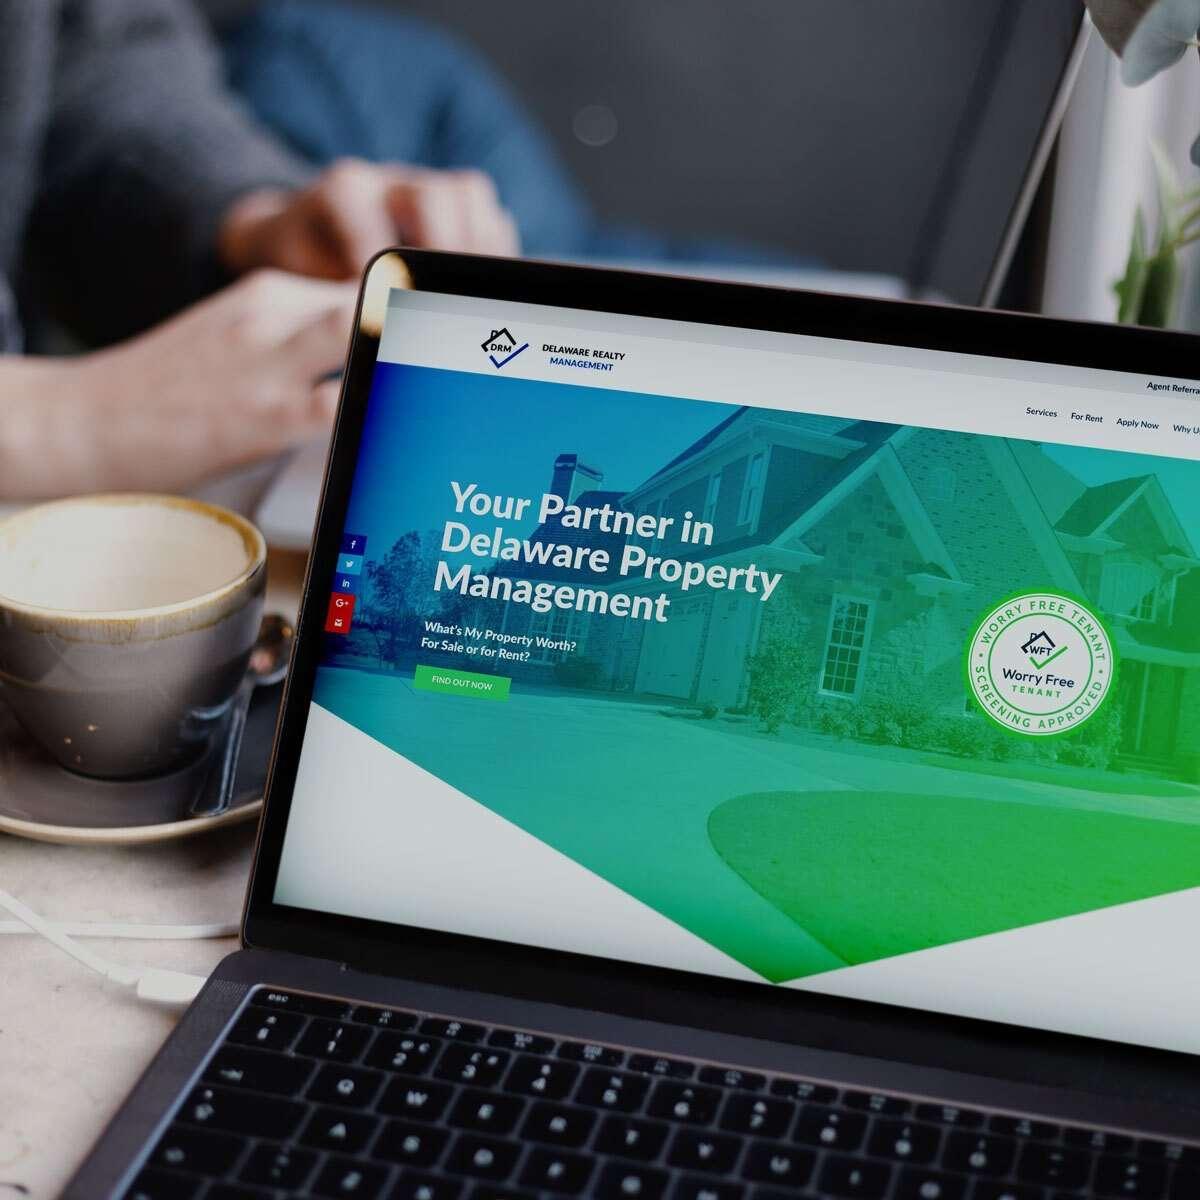 Property management website design from BrandSwan, a Delaware web design agency